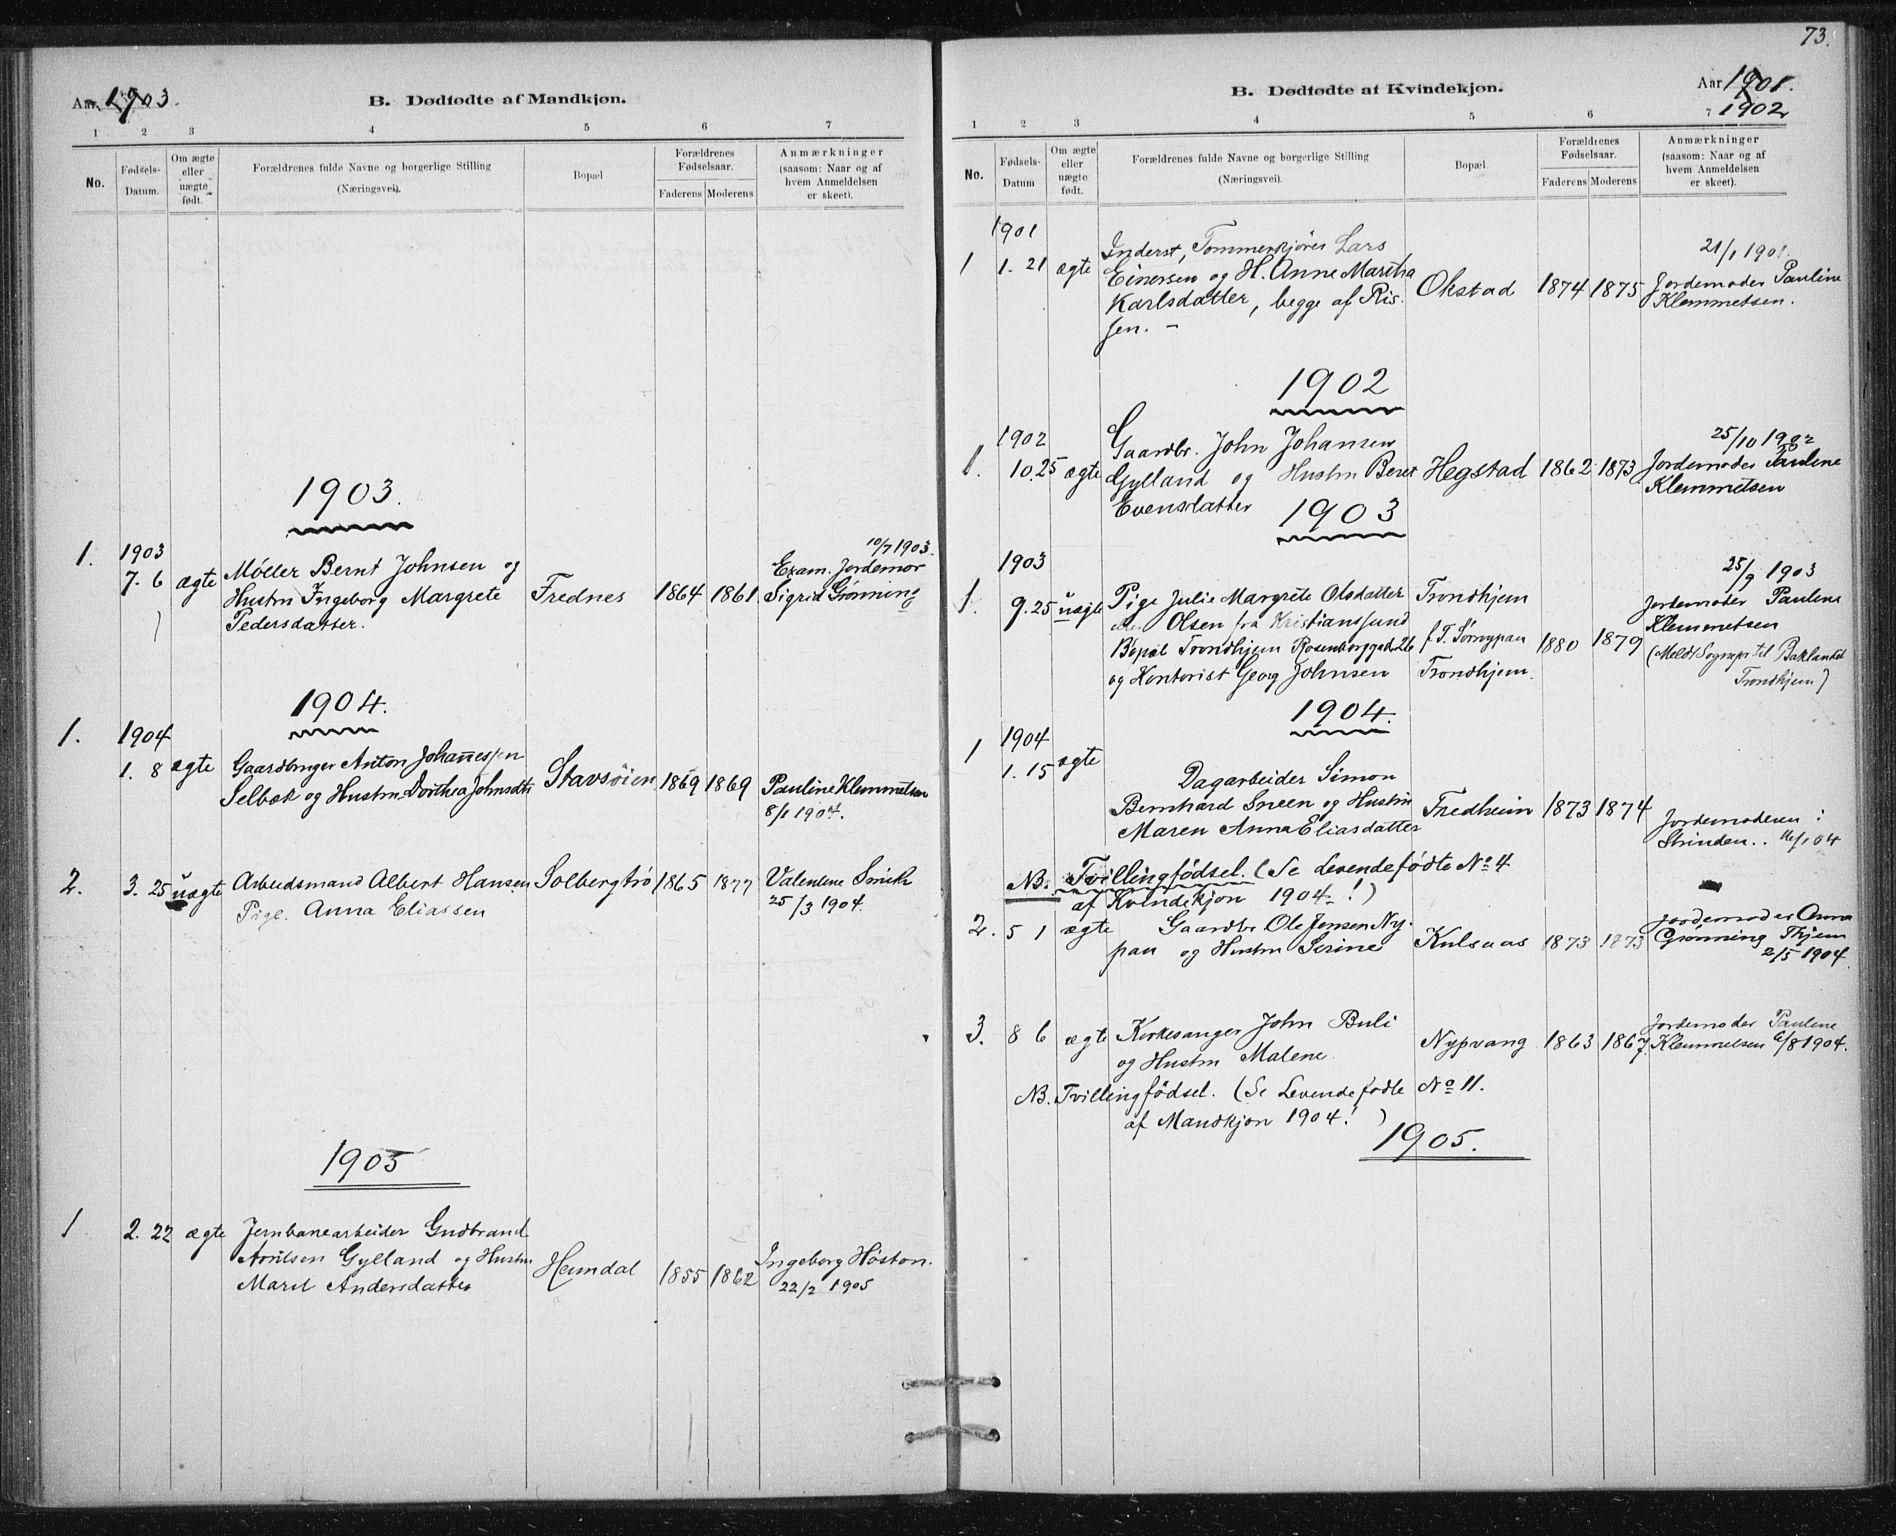 SAT, Ministerialprotokoller, klokkerbøker og fødselsregistre - Sør-Trøndelag, 613/L0392: Ministerialbok nr. 613A01, 1887-1906, s. 73